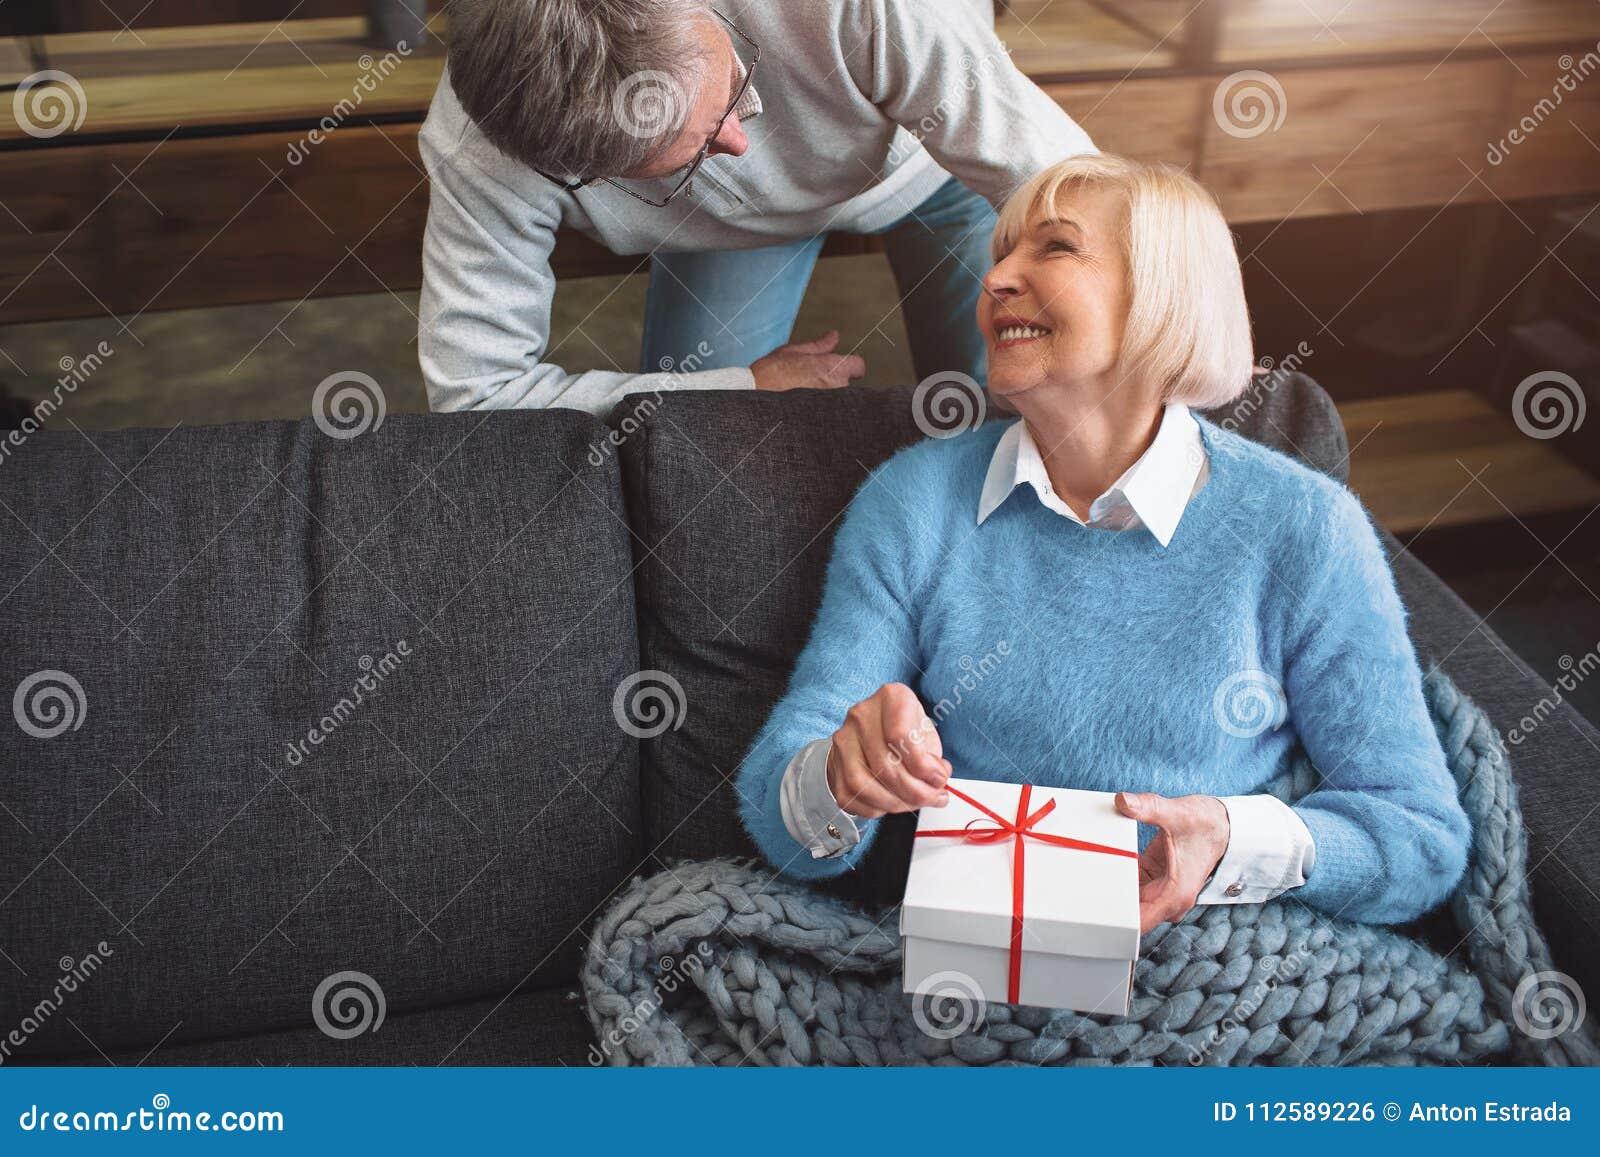 Le beau couple est dans une chambre Il se tient sans compter que son épouse